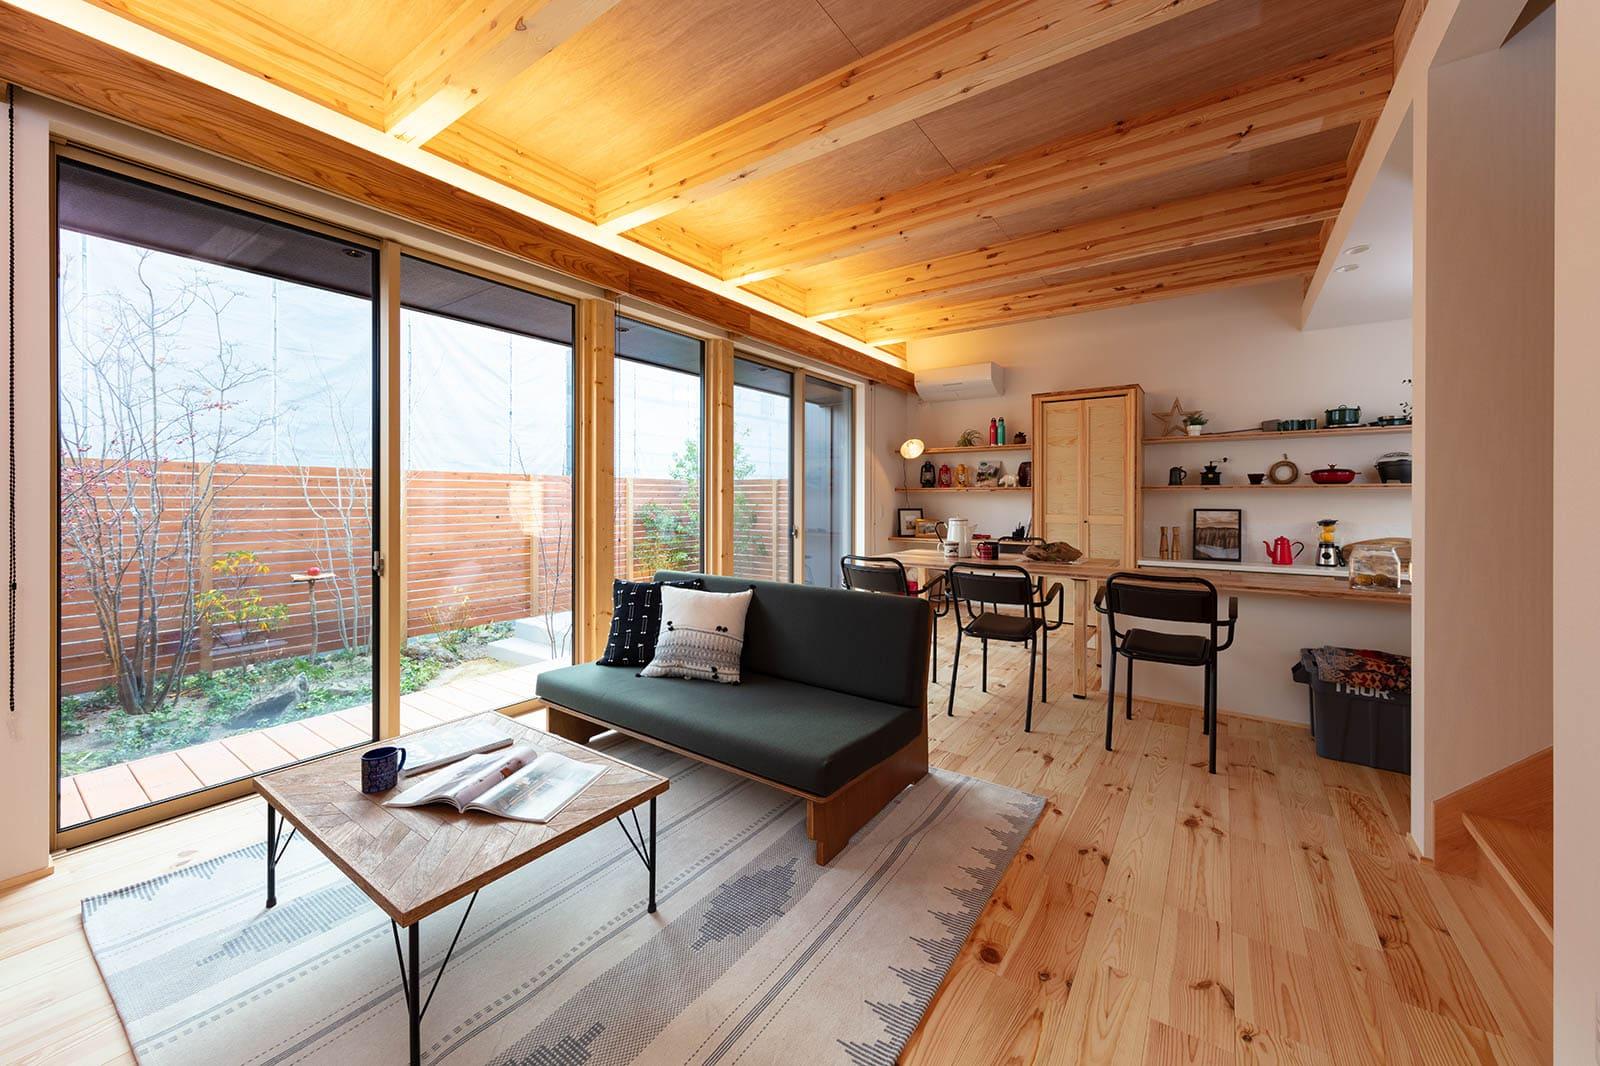 陽光が気持ちよく降り注ぐLDK。ウッドデッキやテラスにつながり、庭もリビングのような一体感。熱や音を遮断する超高性能なハイブリッド窓で、開放感を保ちながらプライバシーを守ることができる